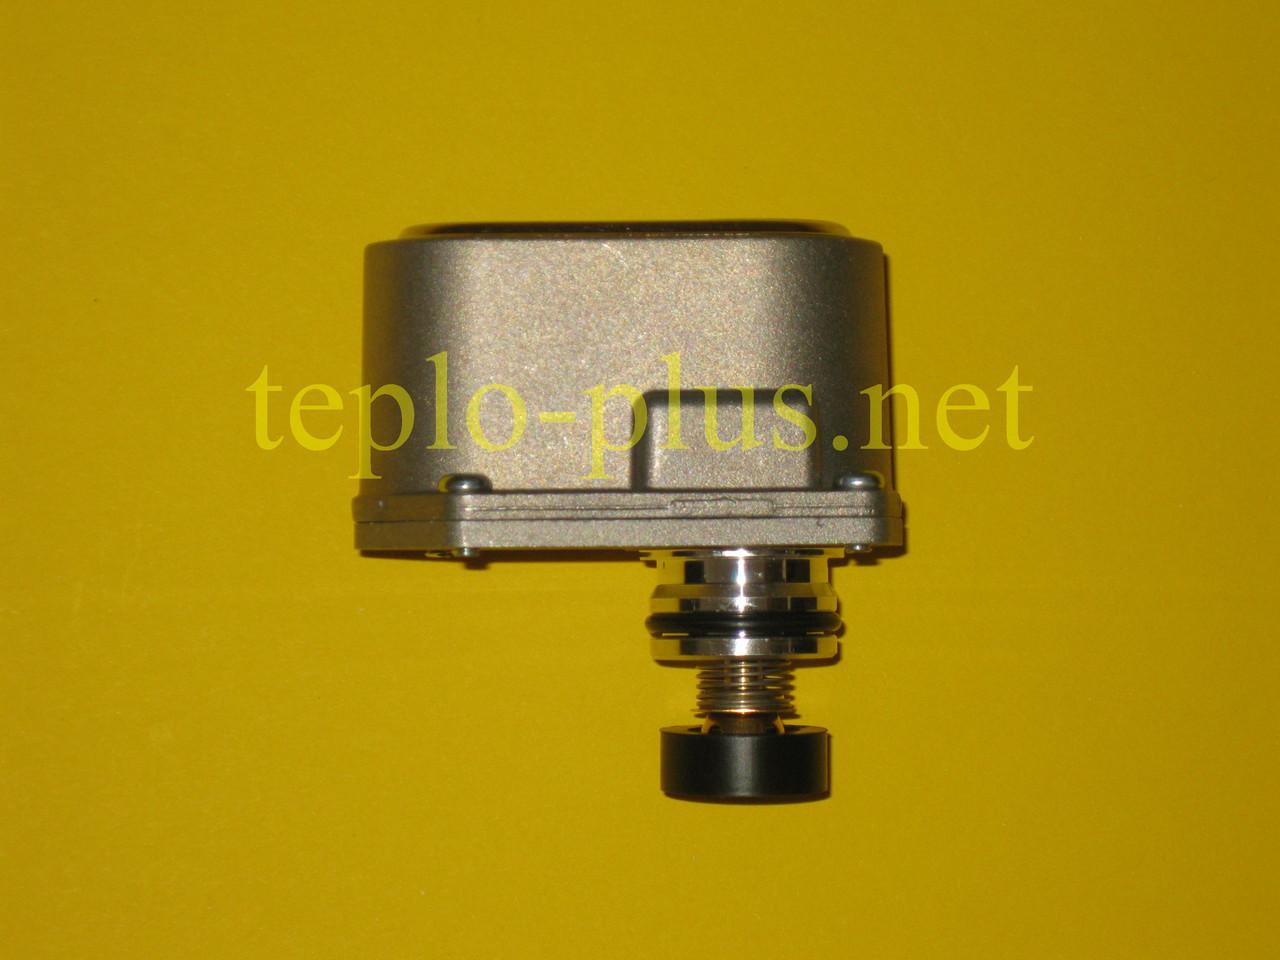 Сервопривод (сервомотор) 115363 Vaillant atmoMAG 11 XI, 14 RXI, GRX, RXZ